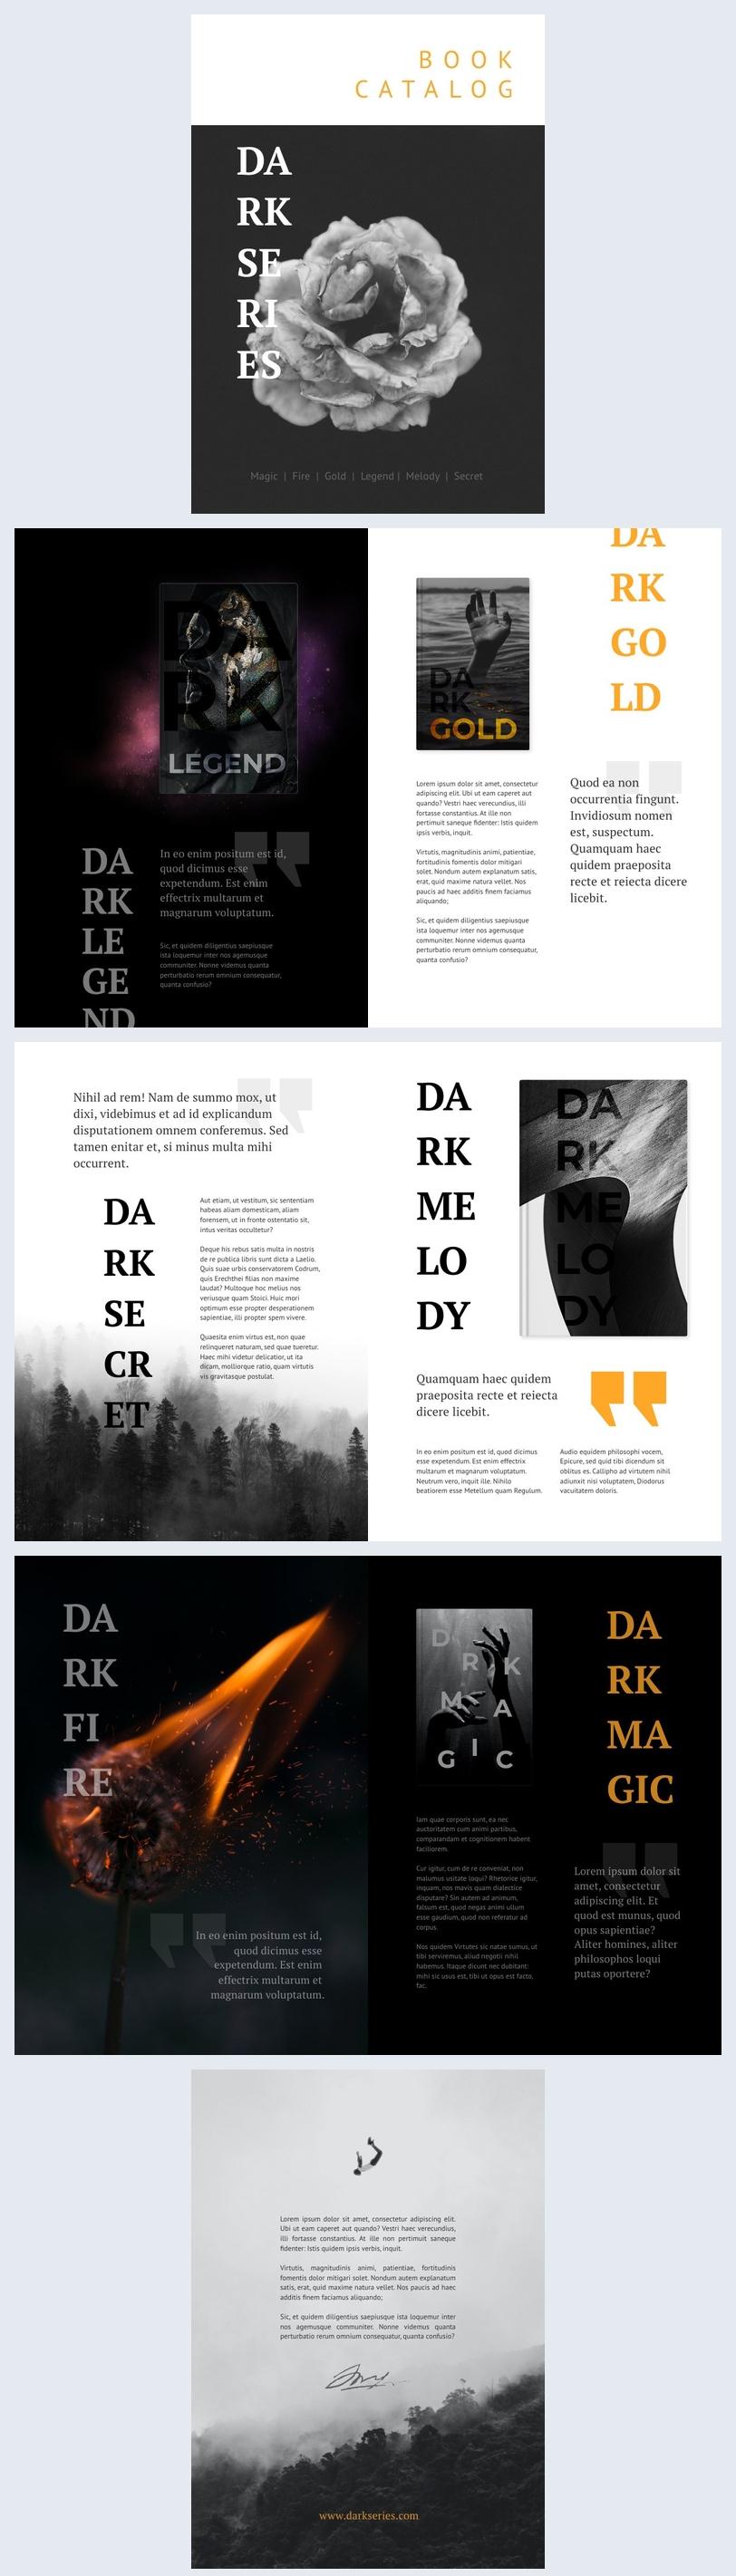 Beispiel-Design eines Editierbaren Buchkatalogs